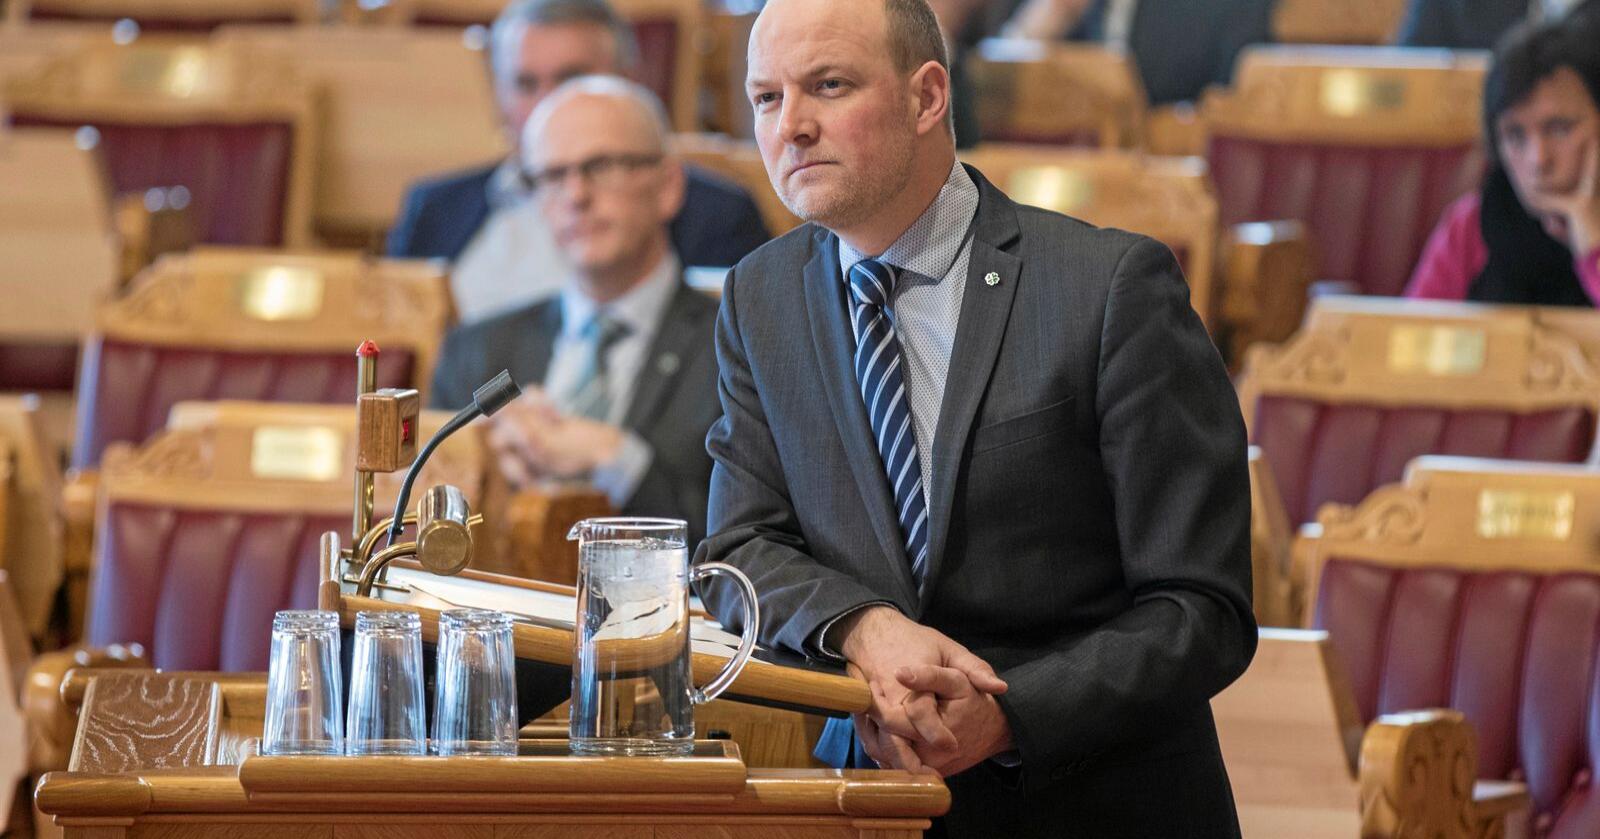 Stortingsrepresentant Ole André Myhrvold (Sp) ønskjer at det skal bli mogleg å trene hundar til rovdyrjakt, også i Noreg. Foto: Vidar Ruud / NTB scanpix